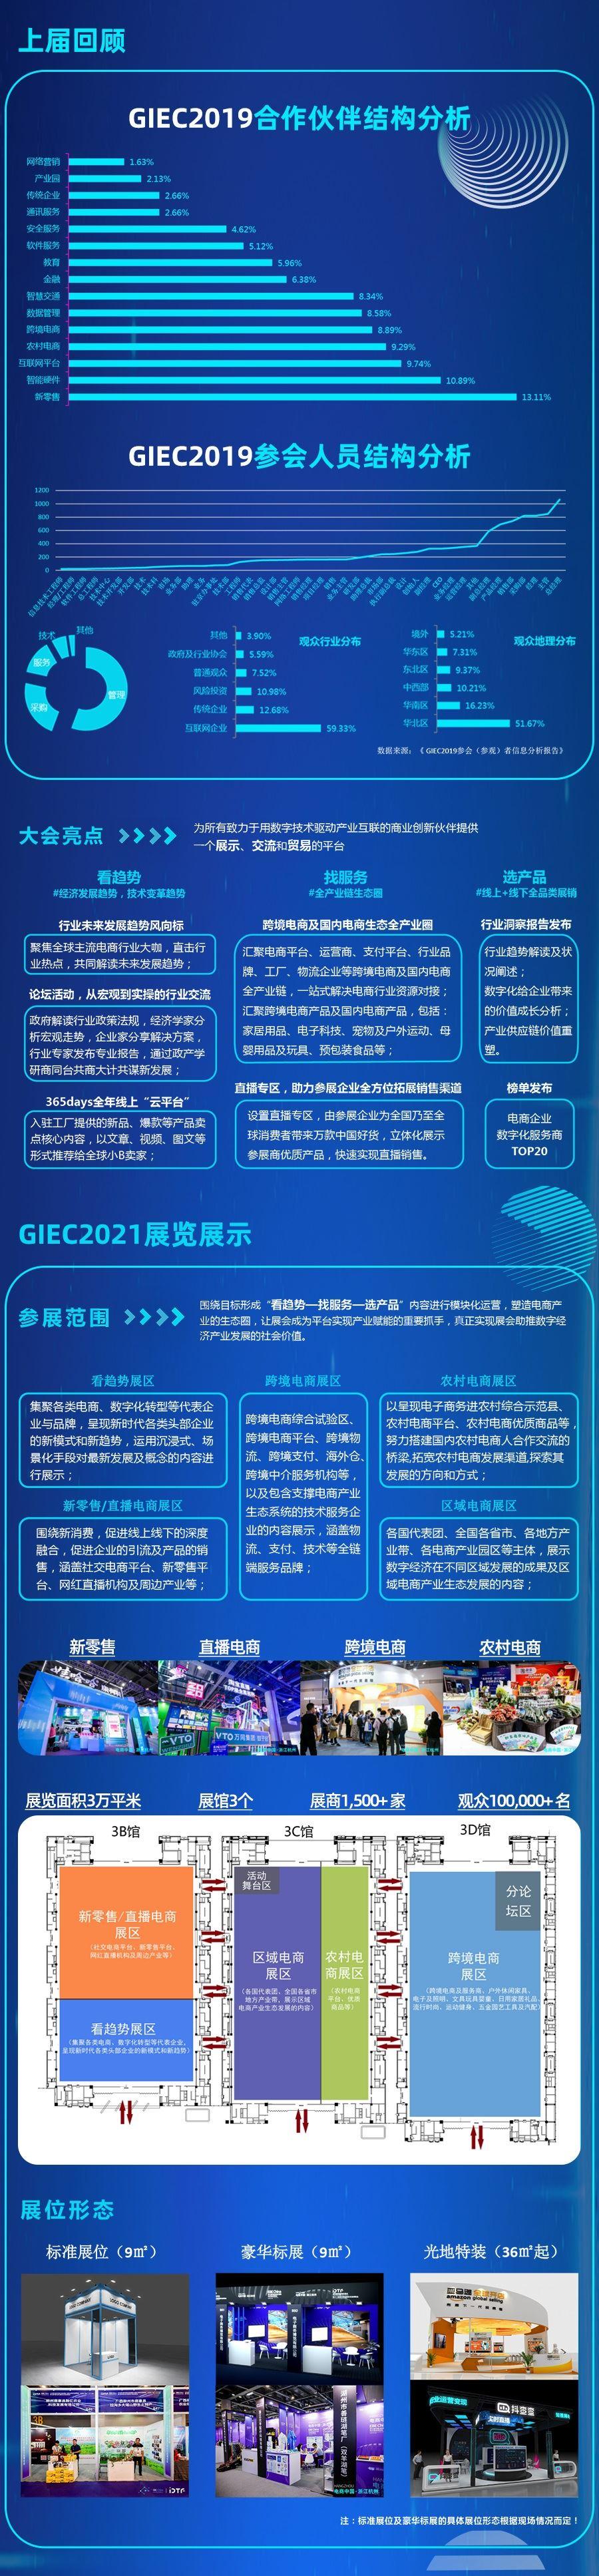 2021第七届全球互联网经济大会2.jpg